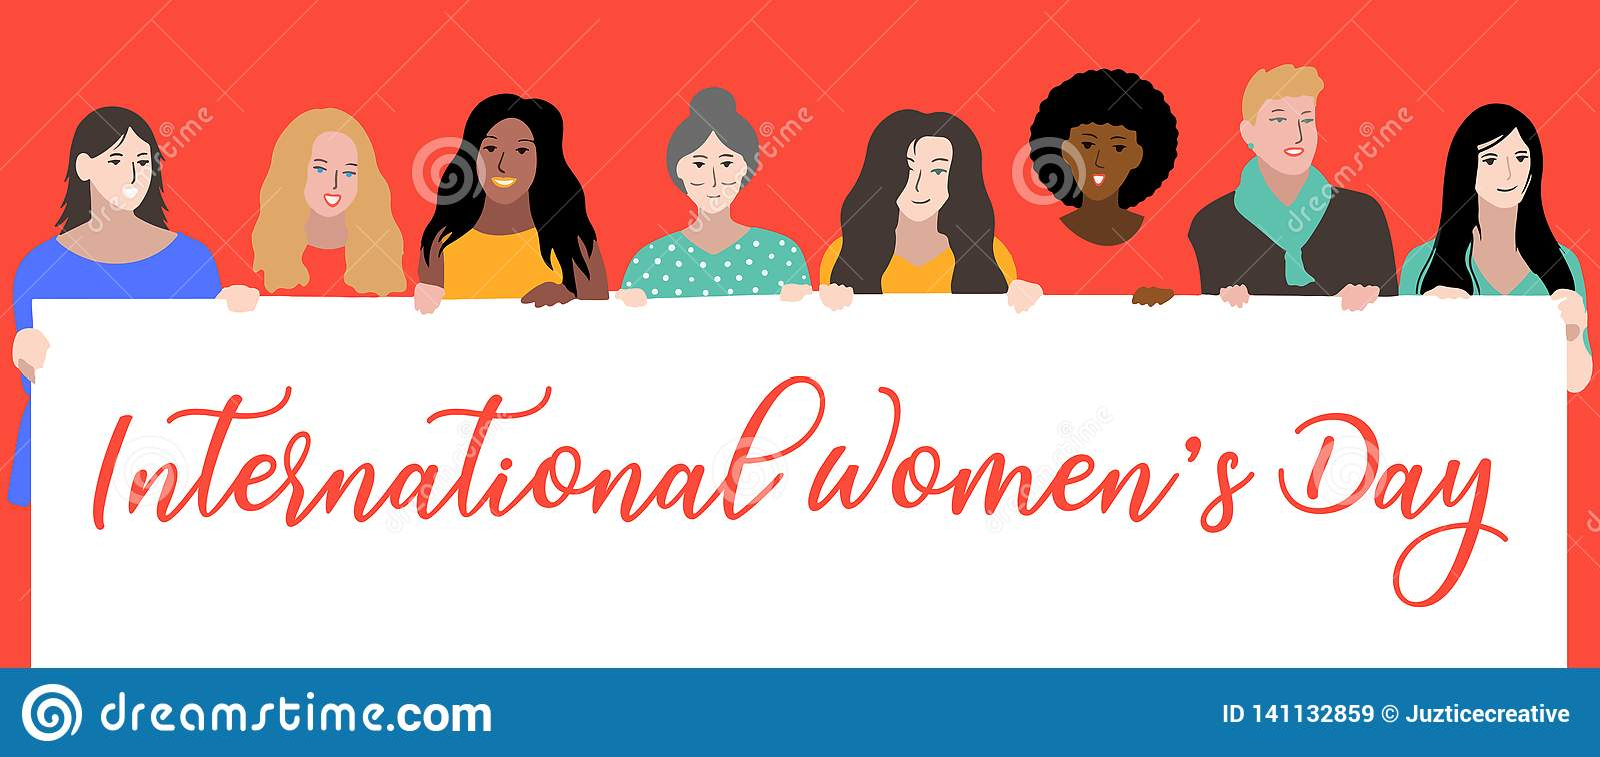 Lyckliga internationella kvinnors dag 8th mars